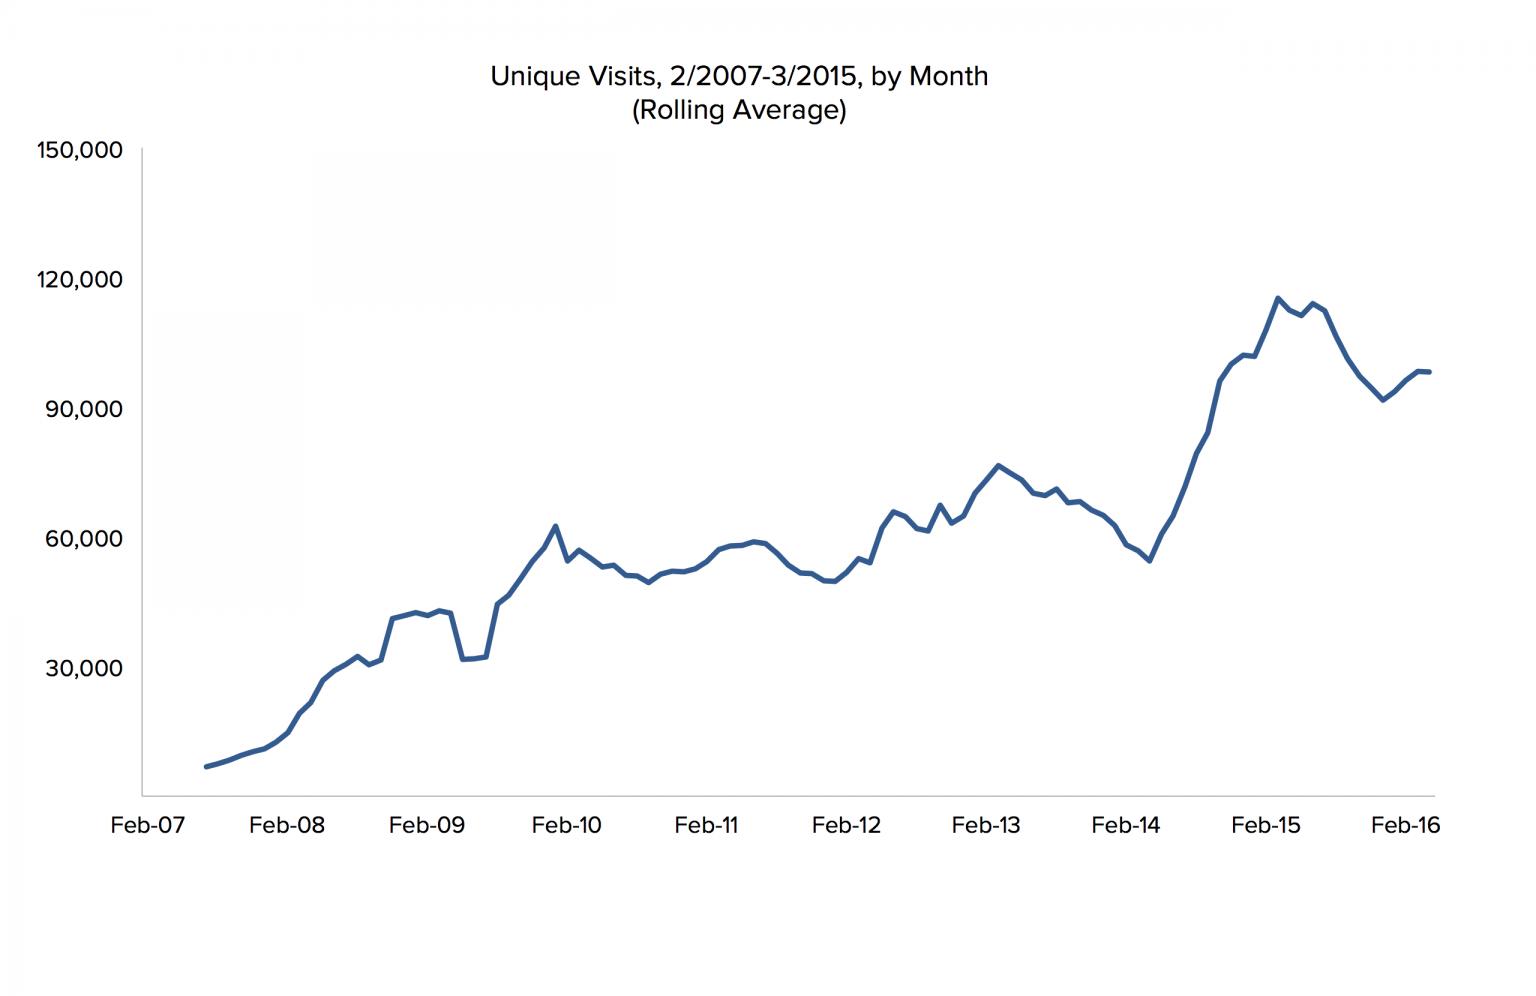 masuk pengunjung unik per bulan. metrik ini adalah hal yang buruk, tapi itu berarti sesuatu, kan?